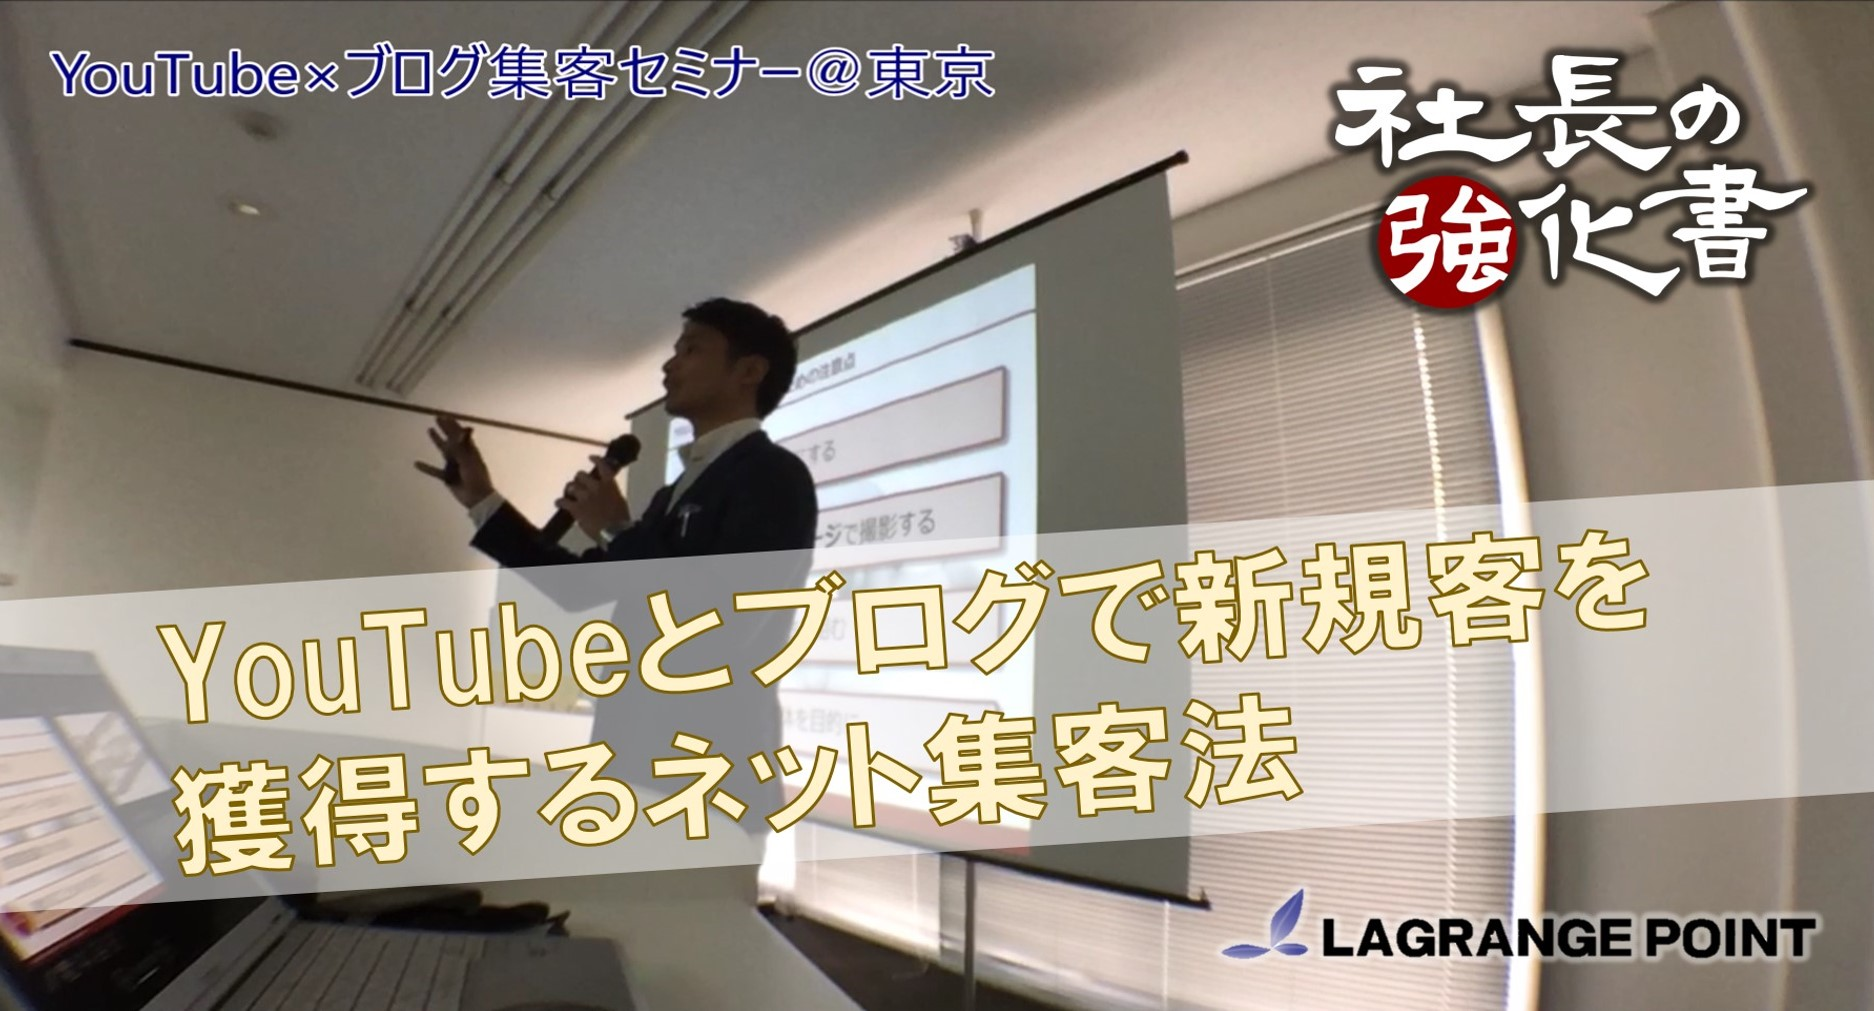 【小規模事業者の為のWebマーケティングセミナー】YouTube動画集客セミナー@東京八王子 |開催レポート